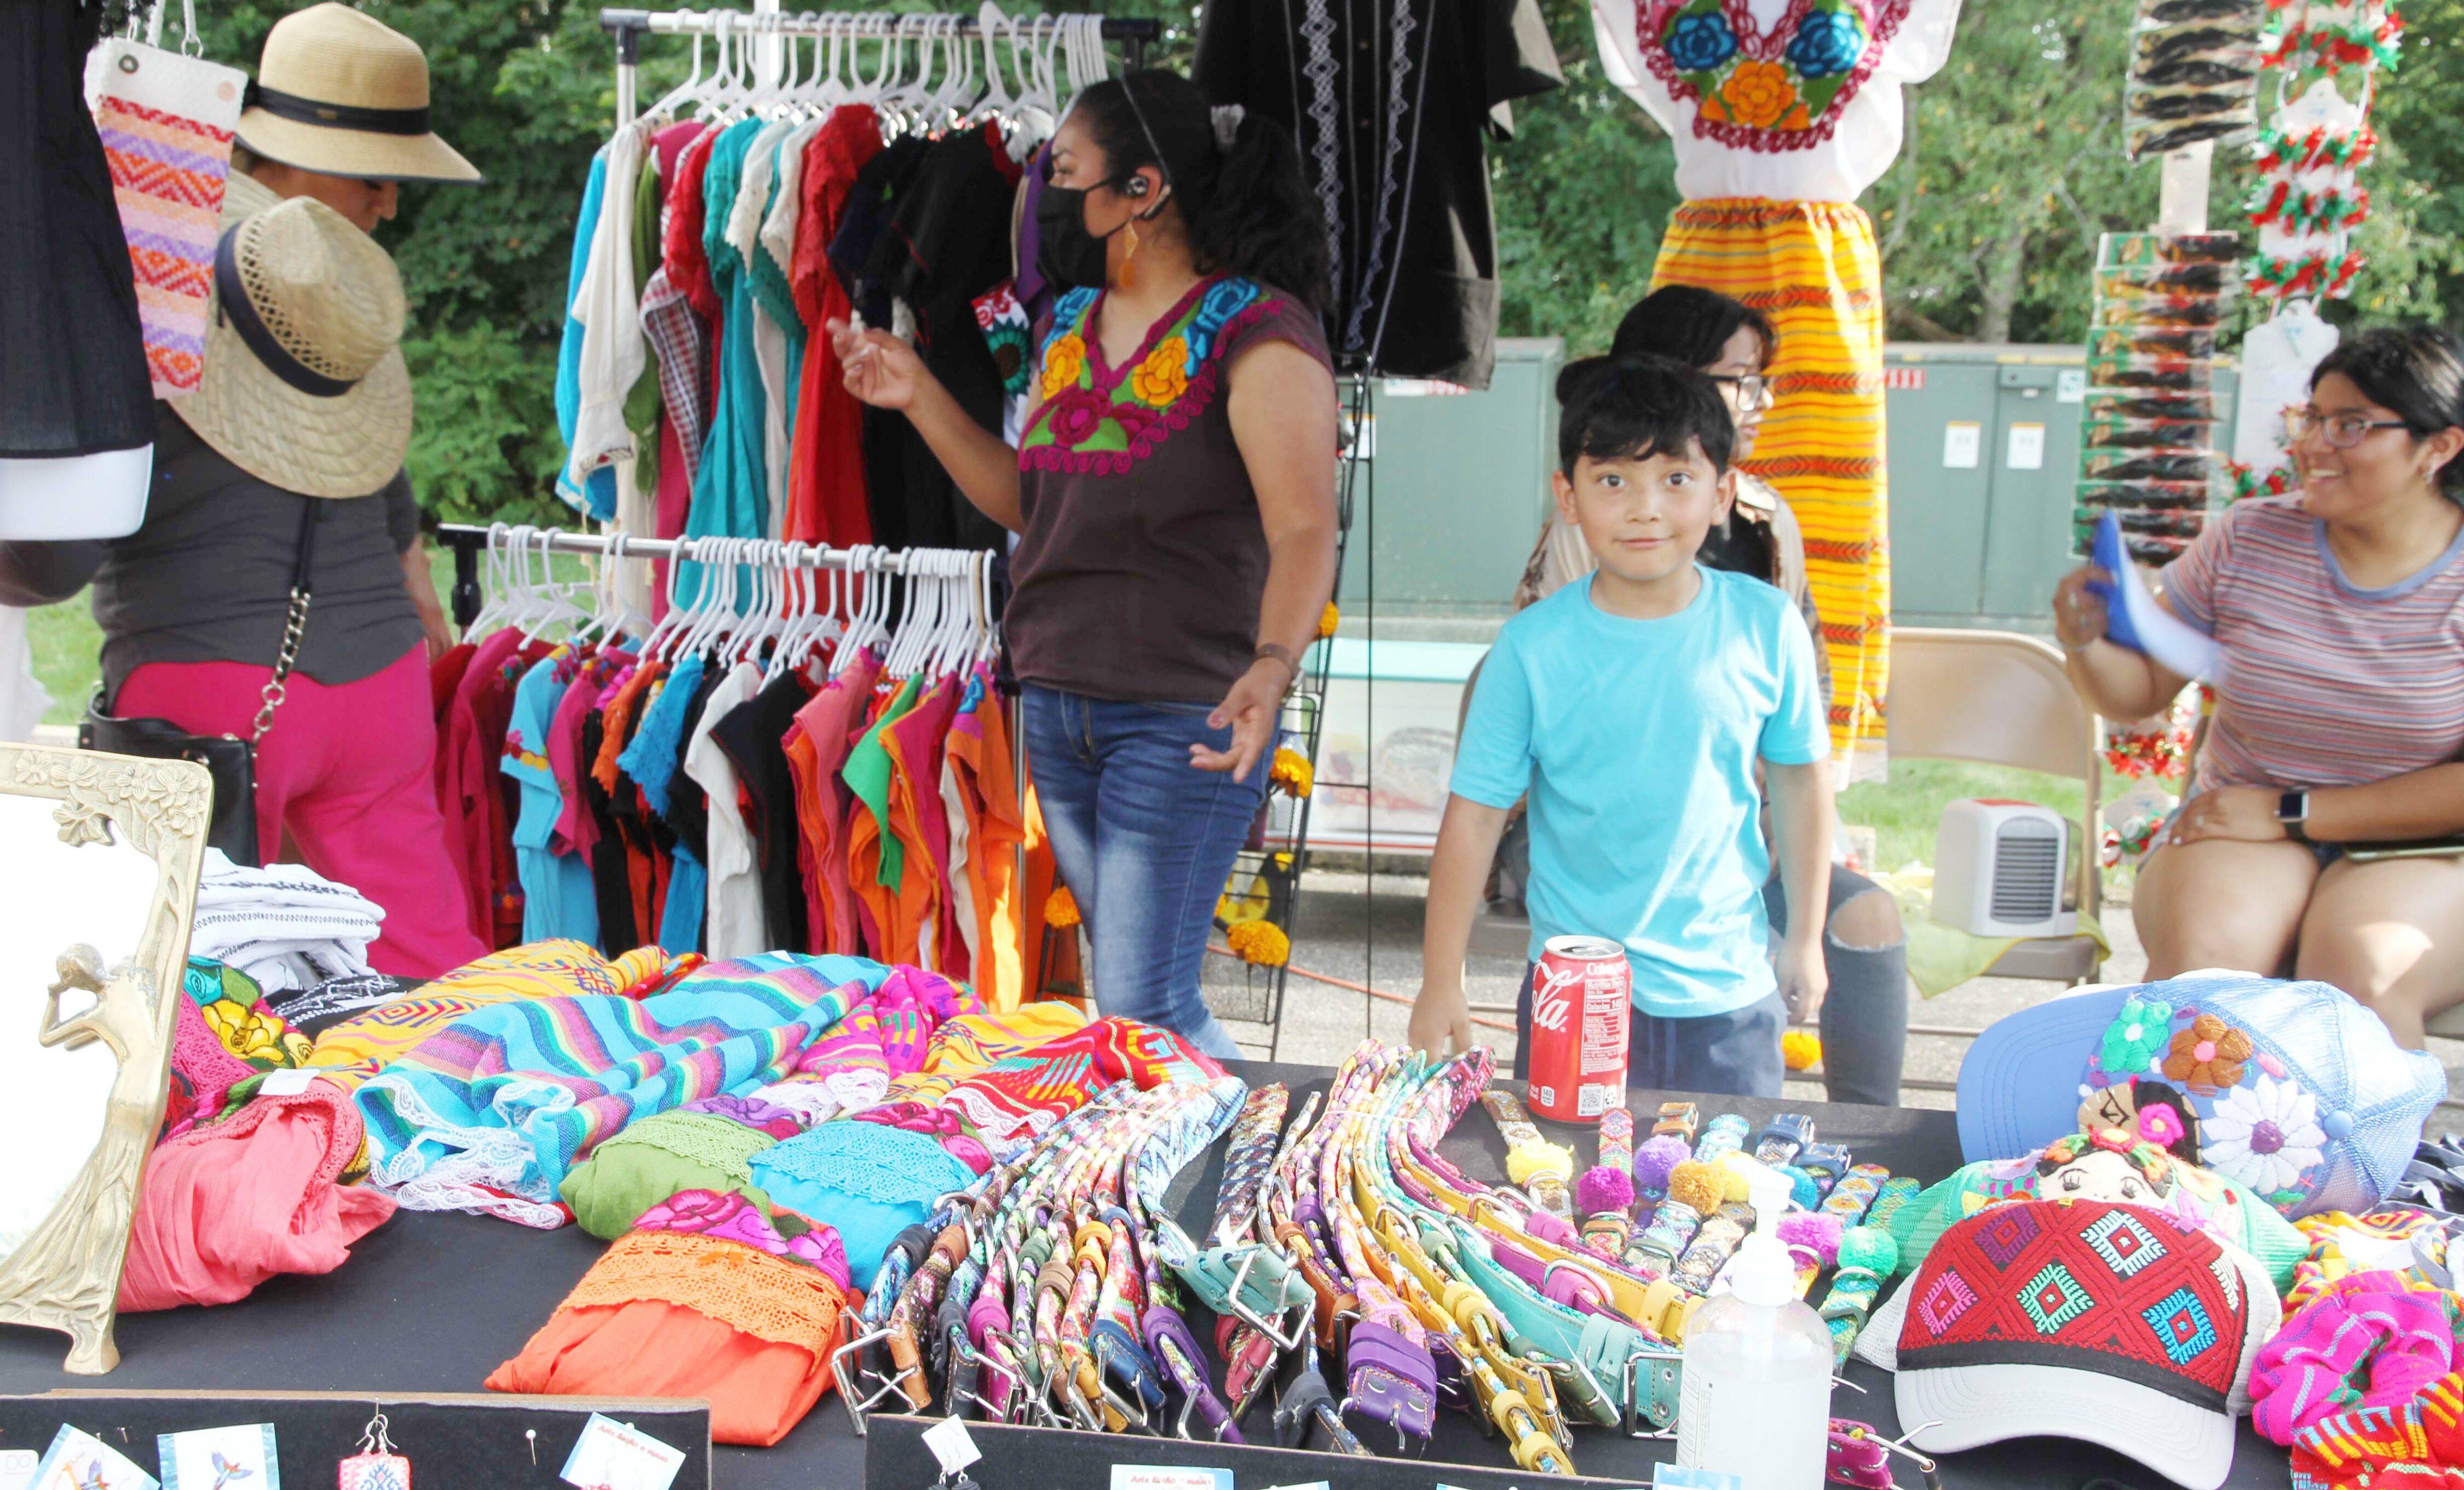 Artesanía de Ecuador, Sur America. Foto cortesía de La Comunidad News.